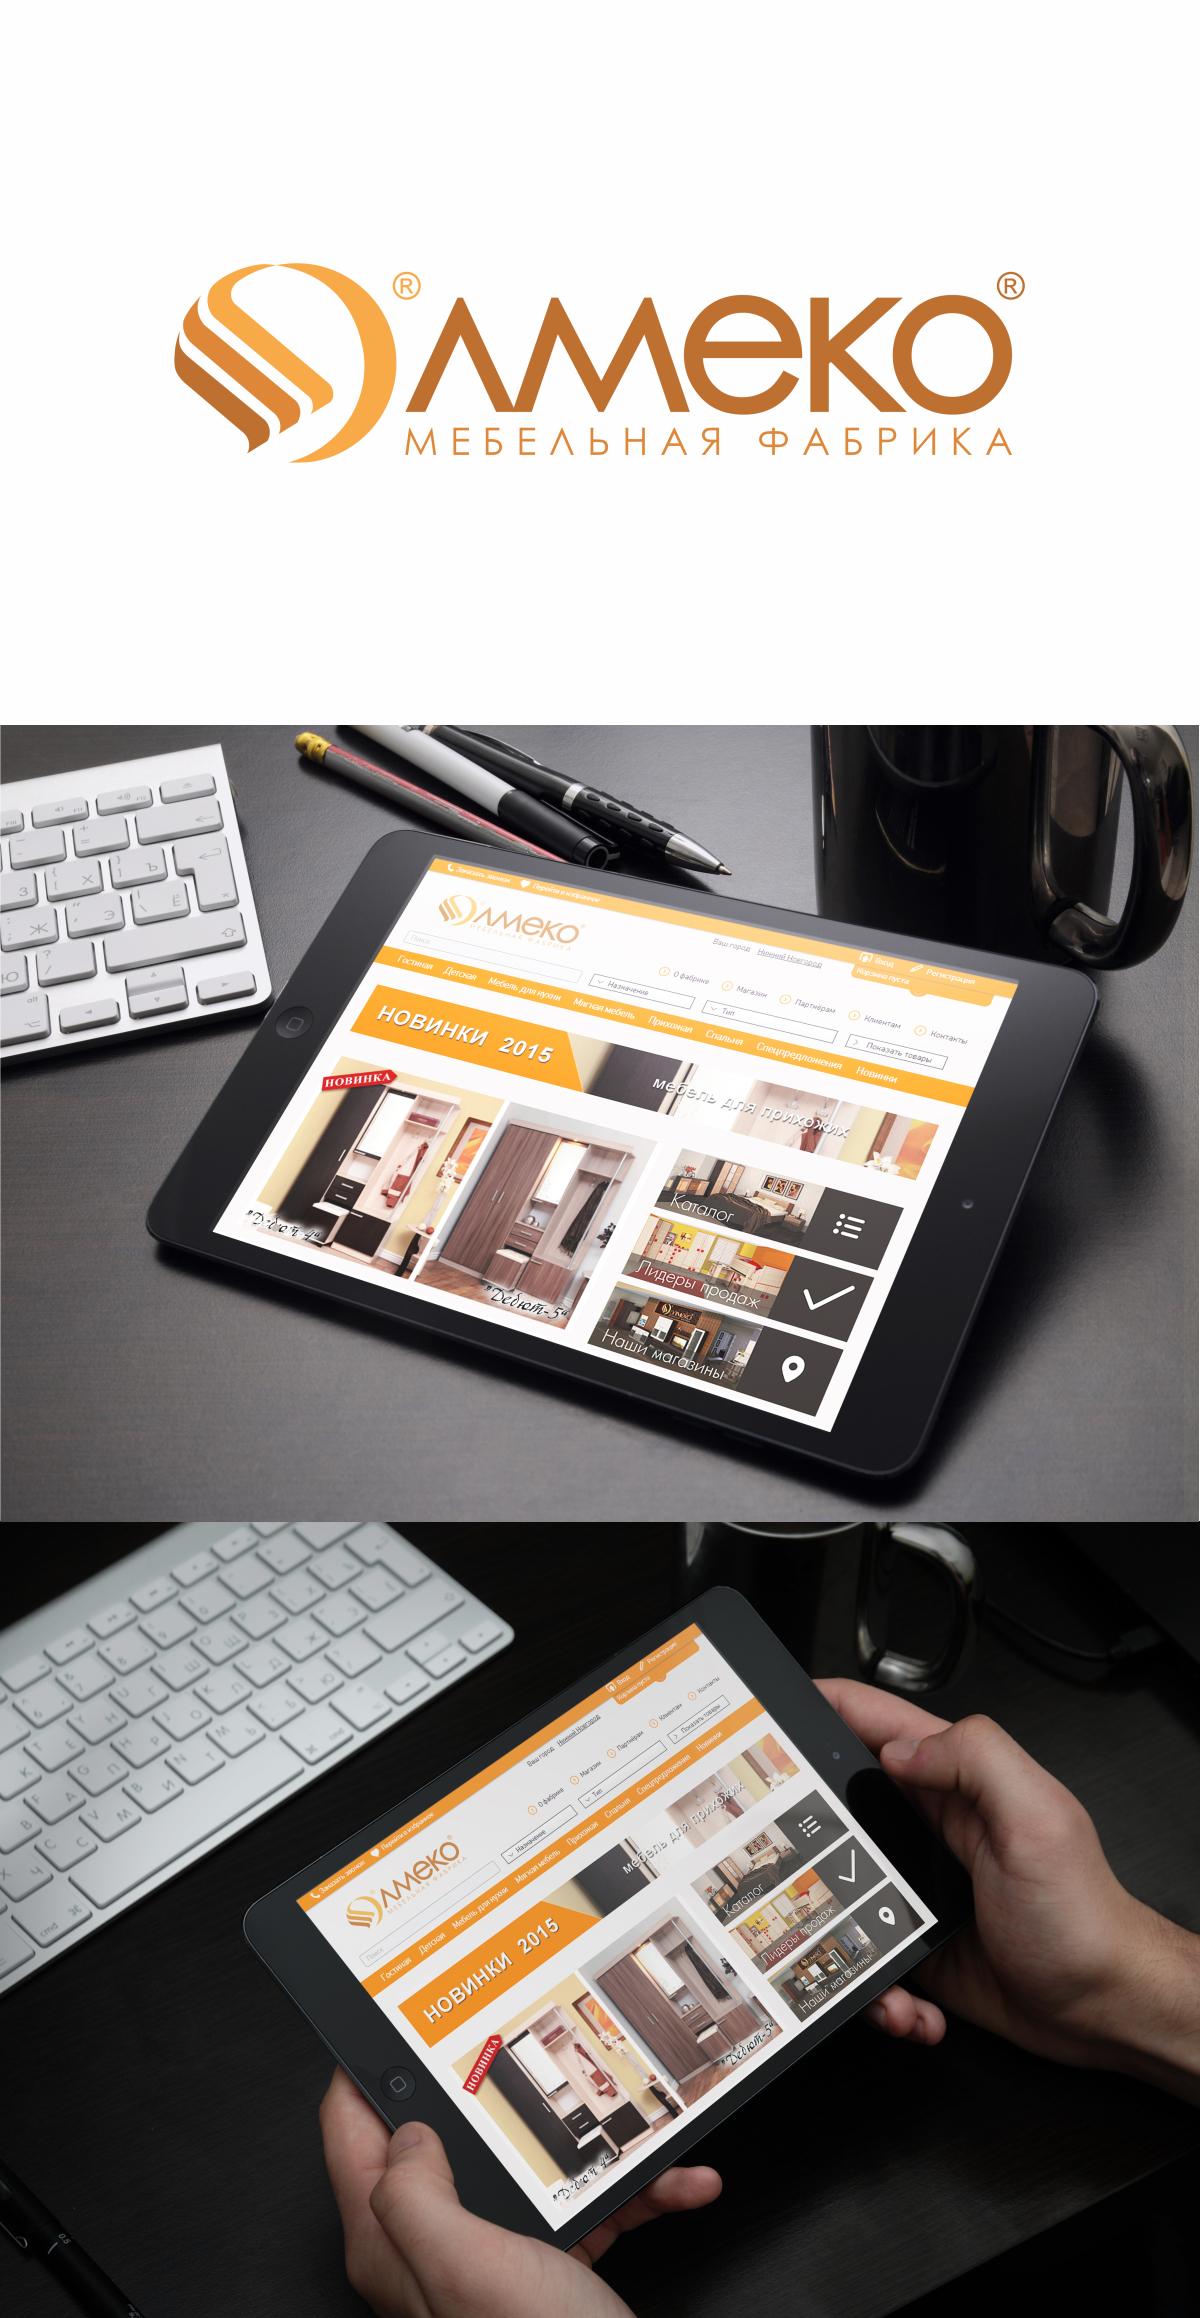 Ребрендинг/Редизайн логотипа Мебельной Фабрики фото f_4835491be062747e.jpg